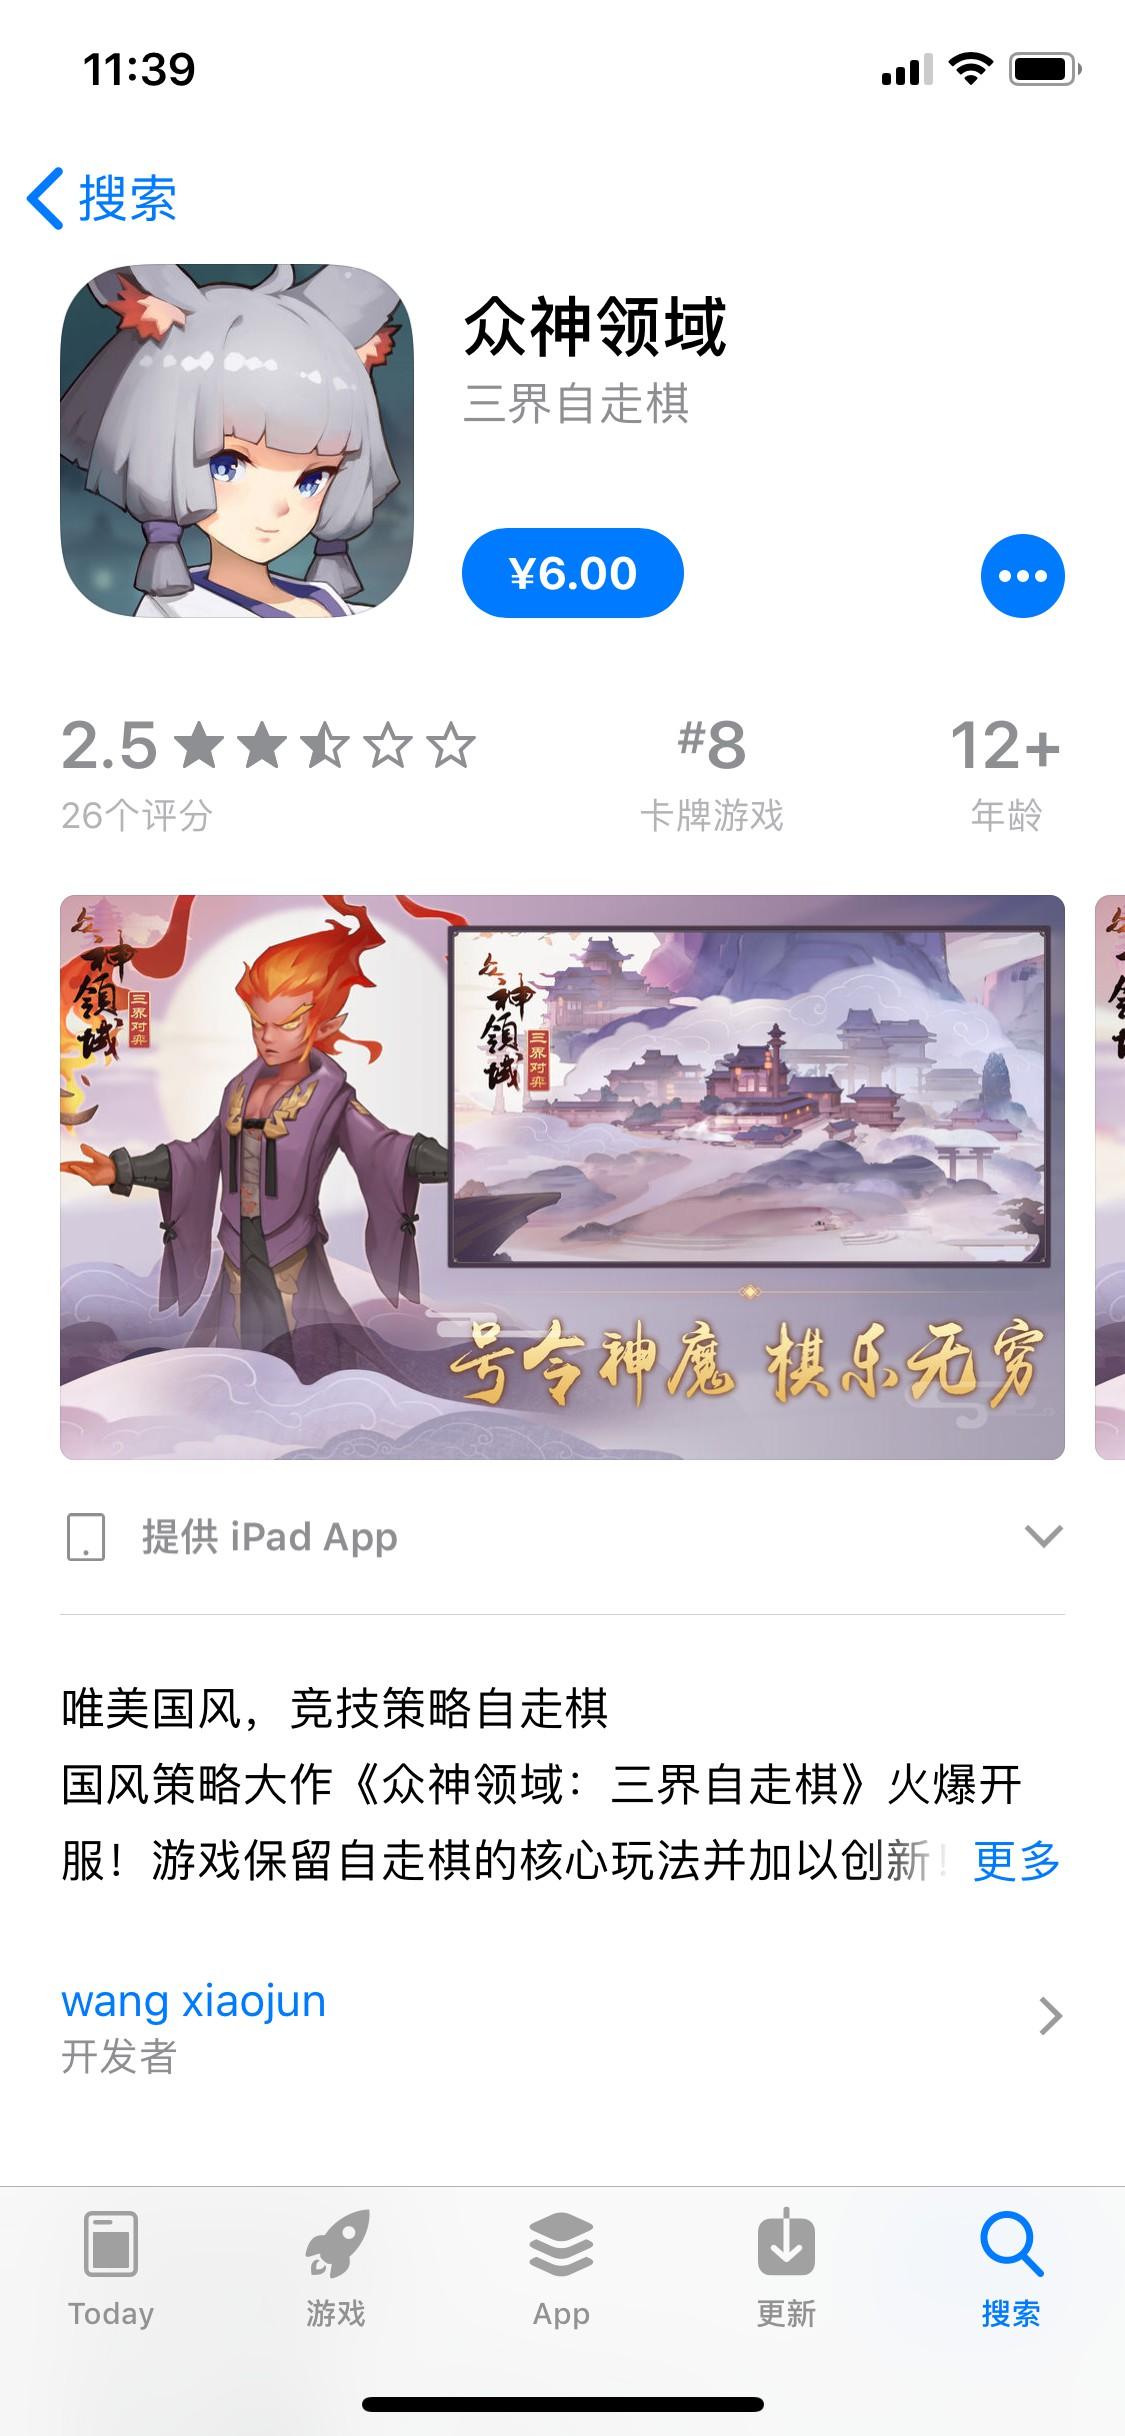 山寨版《刀塔自走棋》上架App Store遭差评怒喷